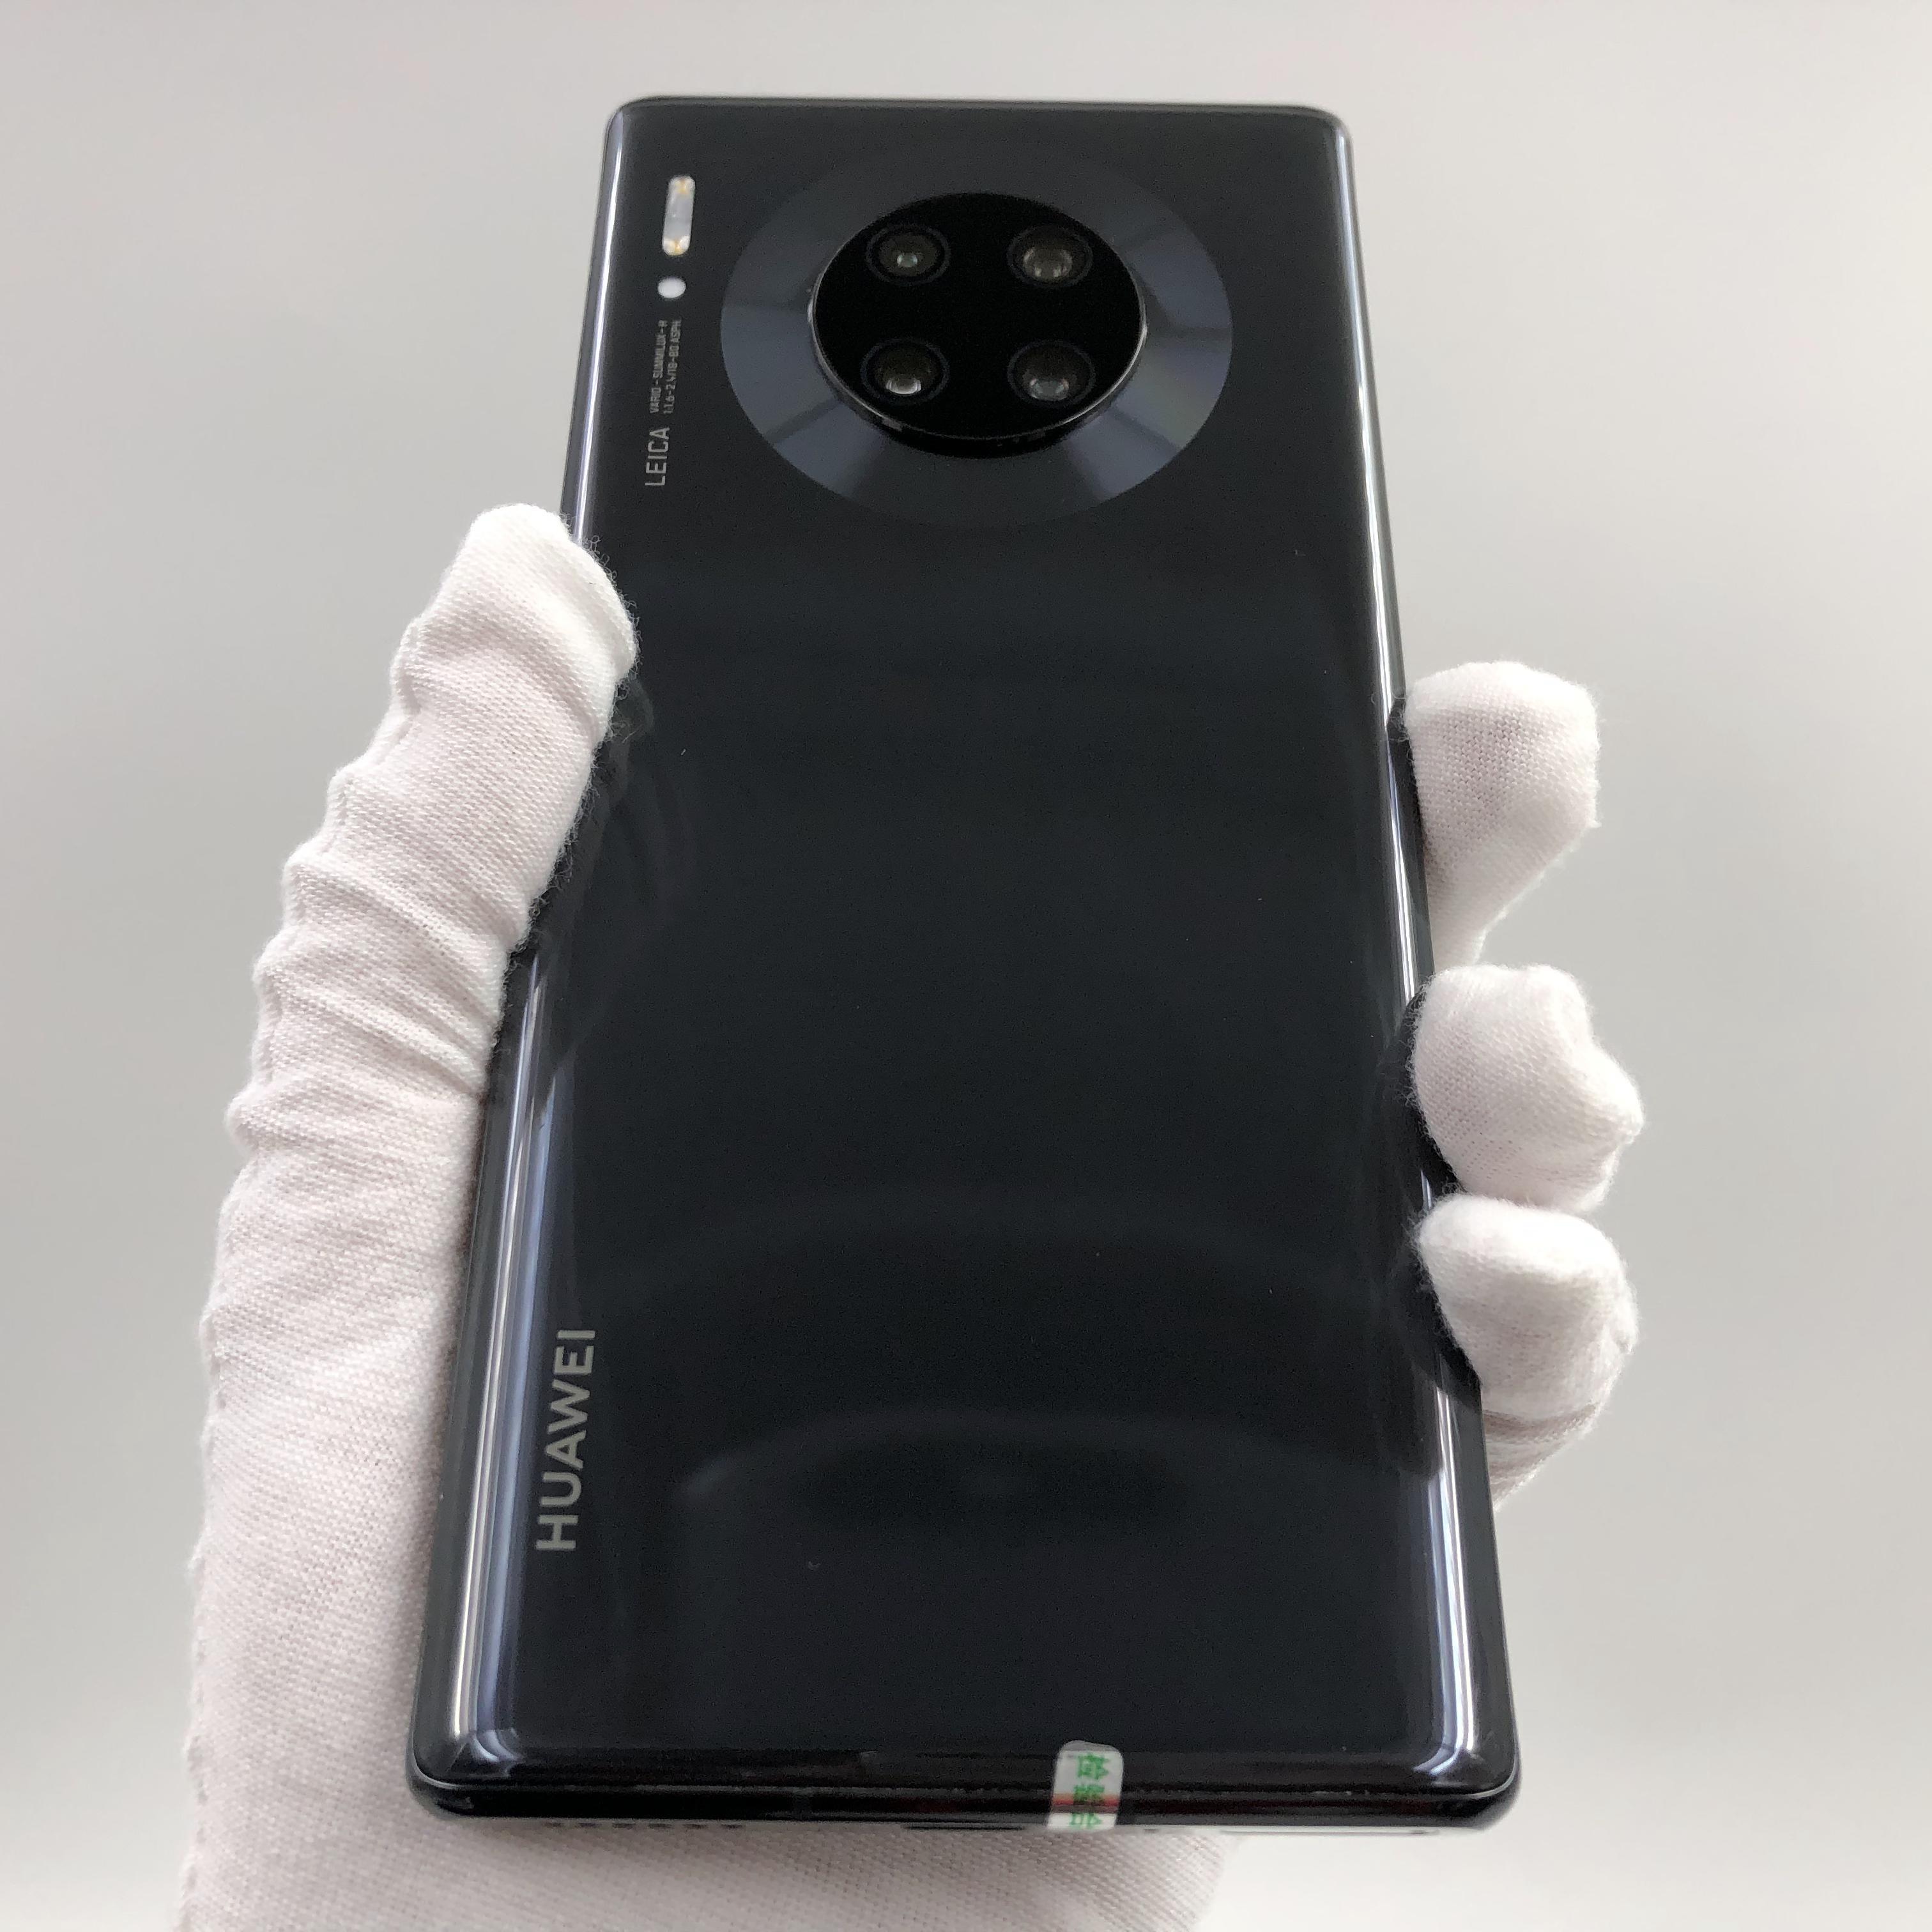 华为【Mate 30 Pro 5G】5G全网通 亮黑色 8G/128G 国行 9成新 真机实拍